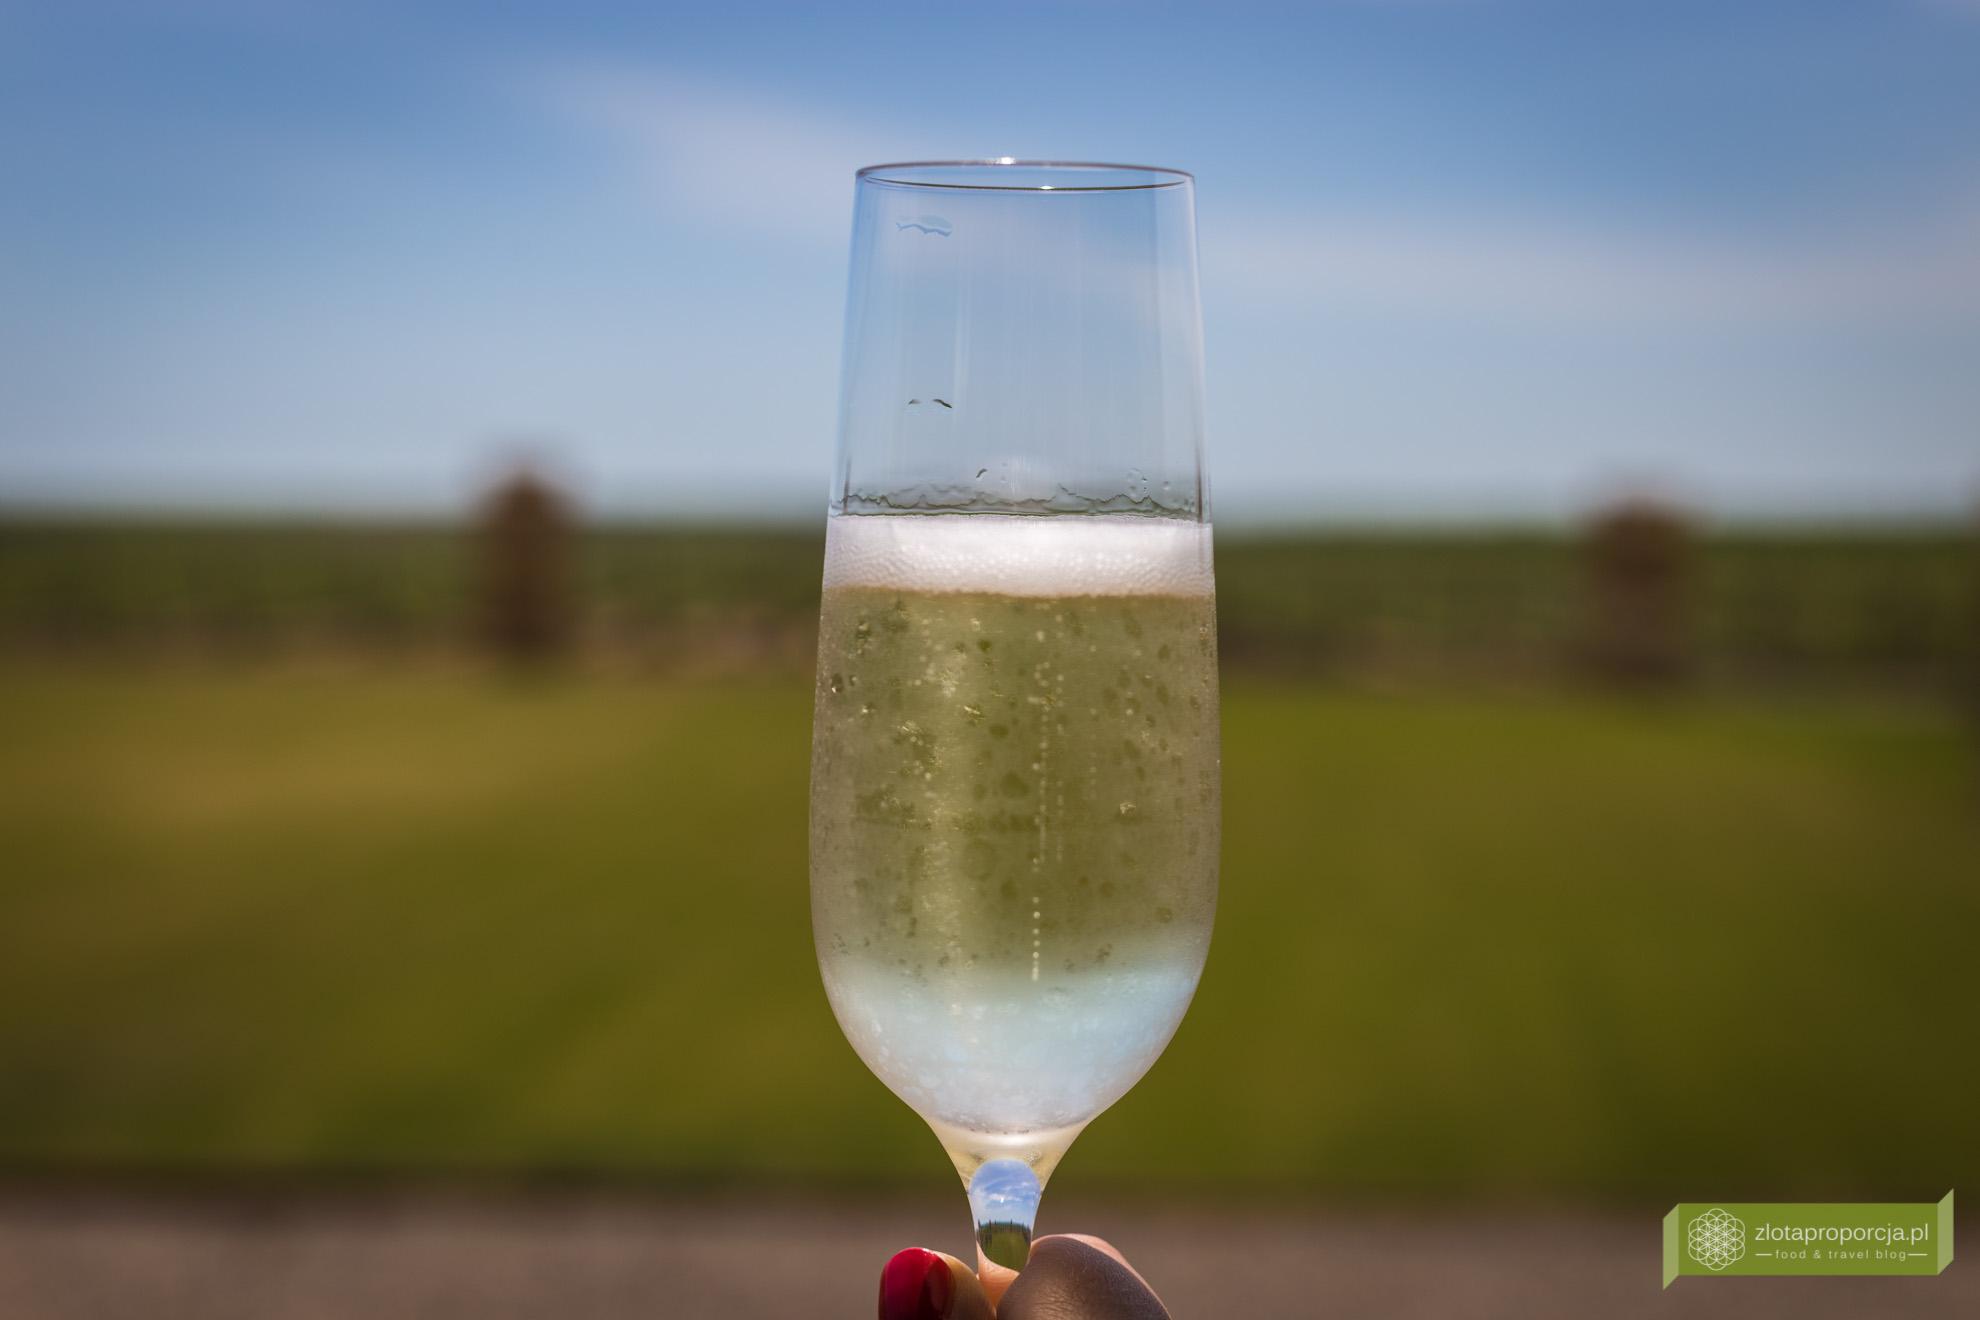 Wino Prawdziwy Skarb Moldawii Winnice I Wina Moldawskie